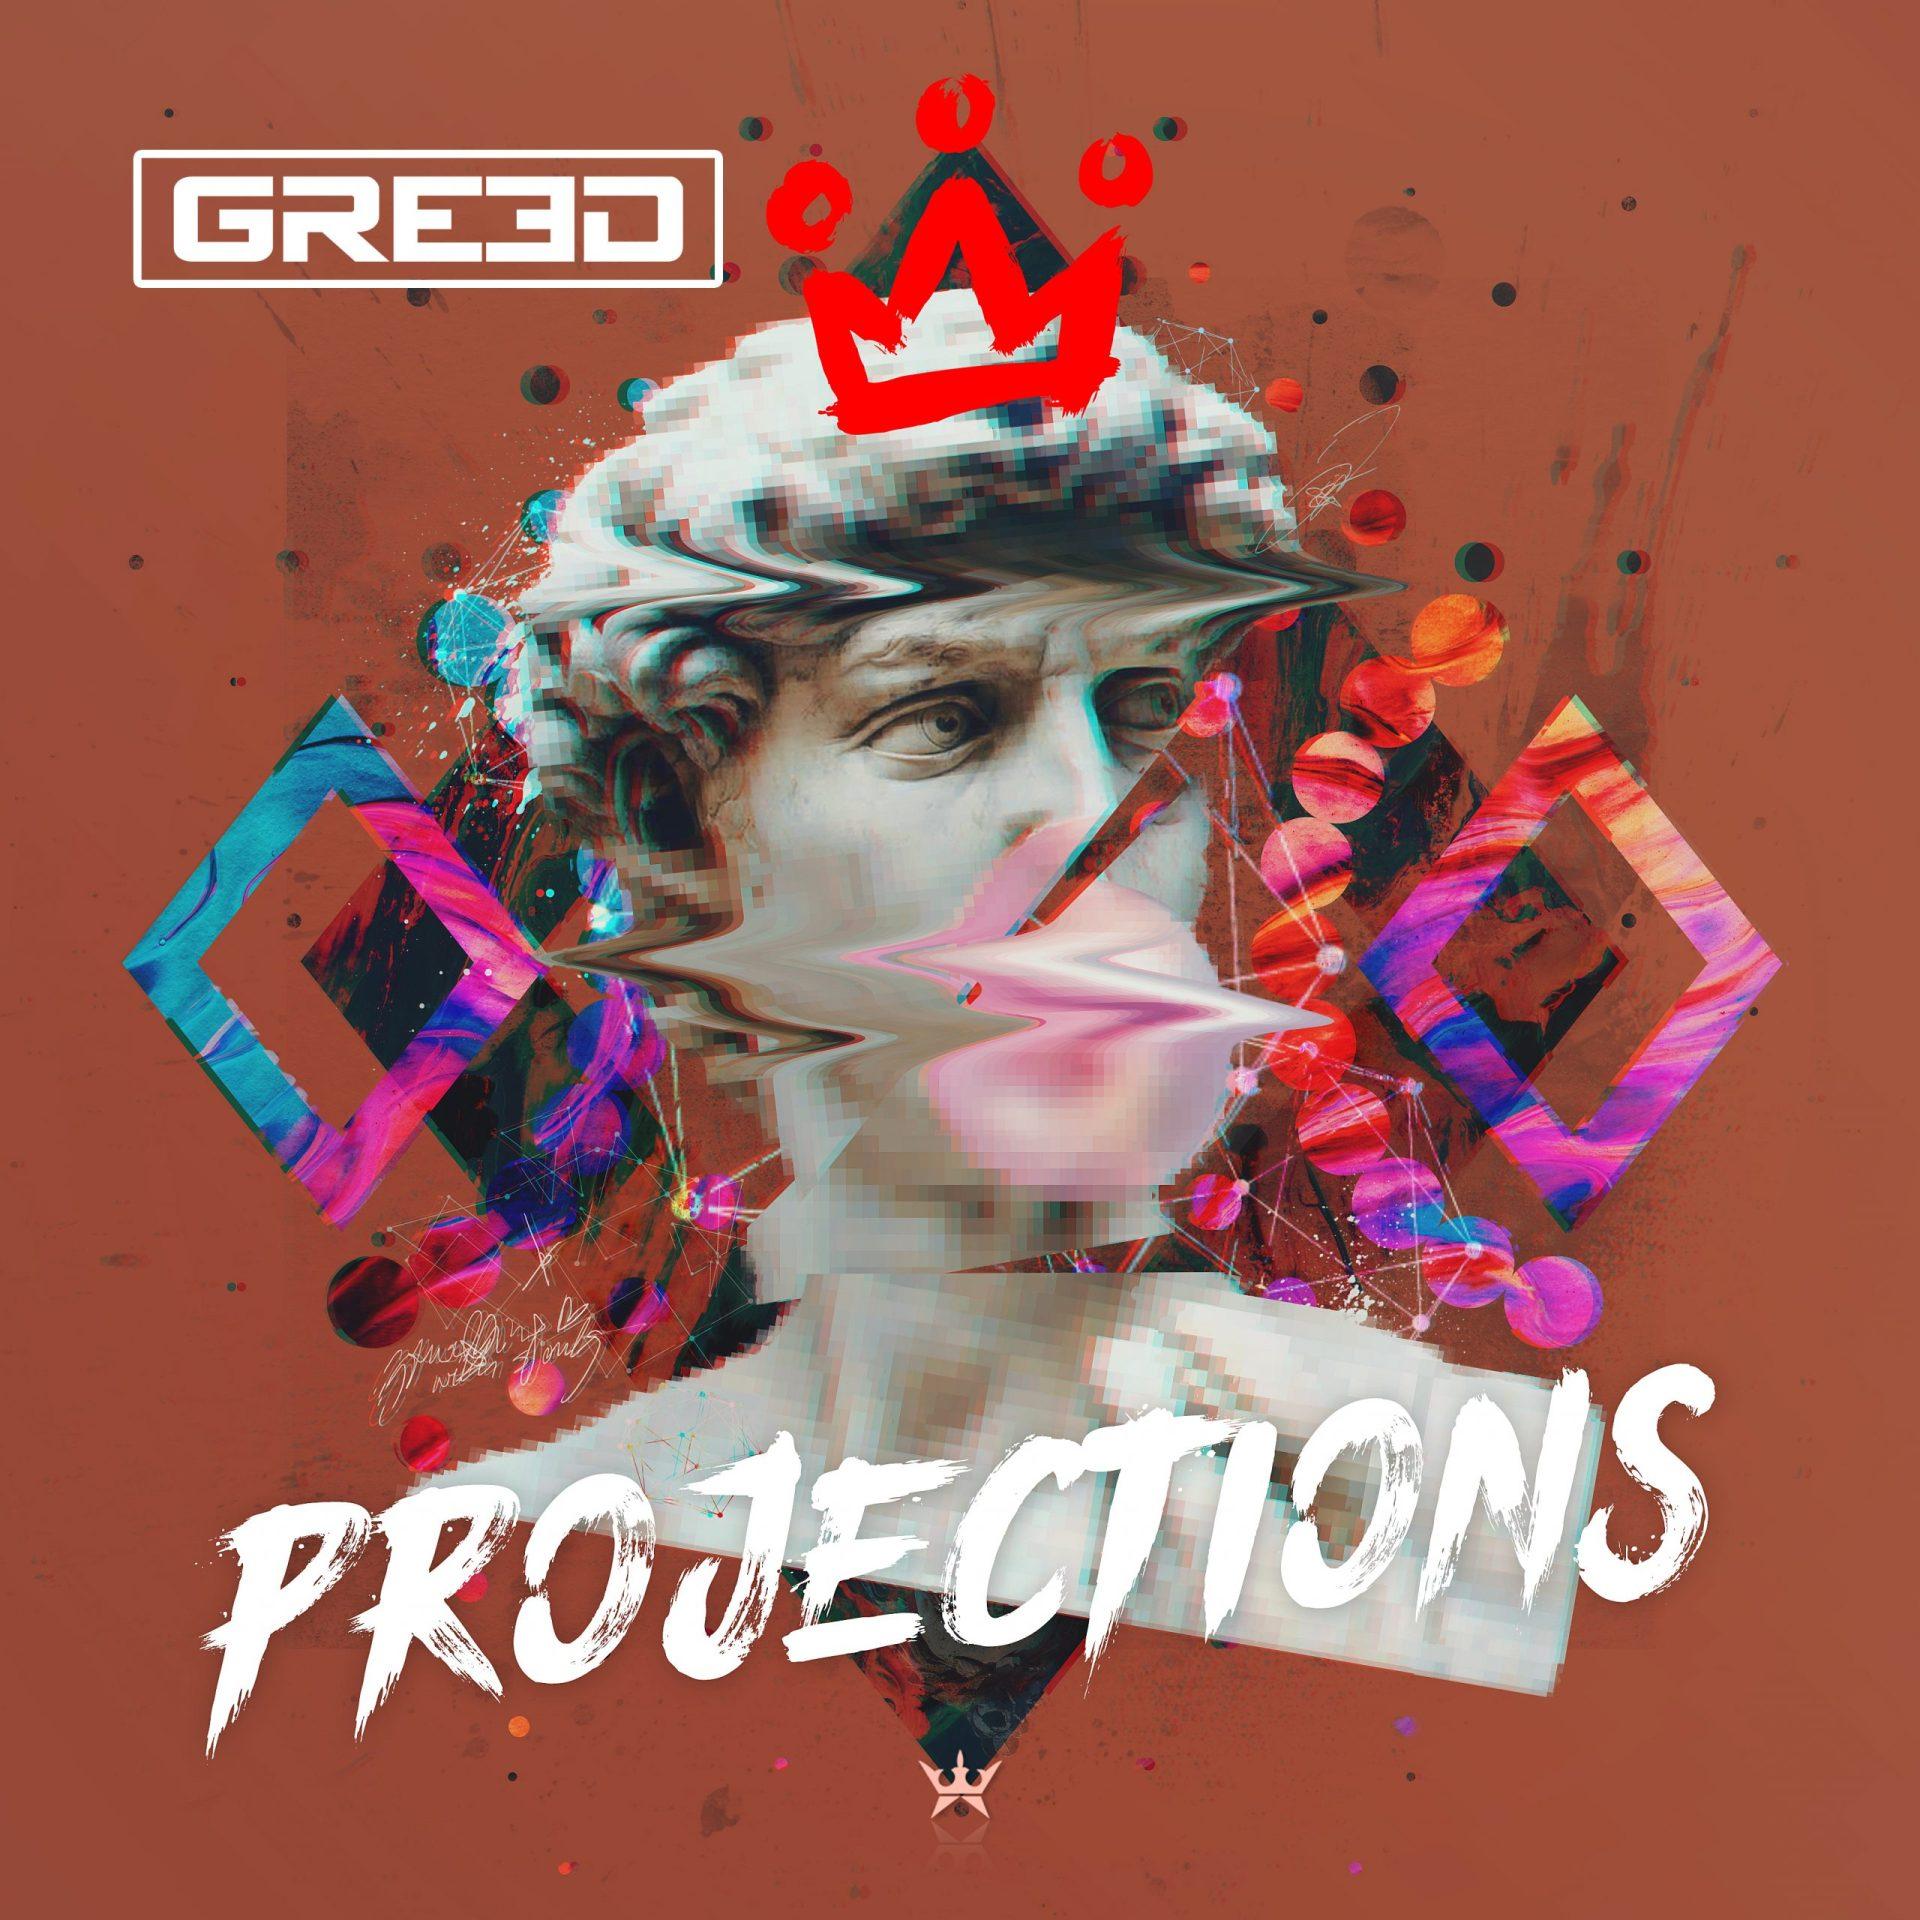 GR33D projections album art cover design